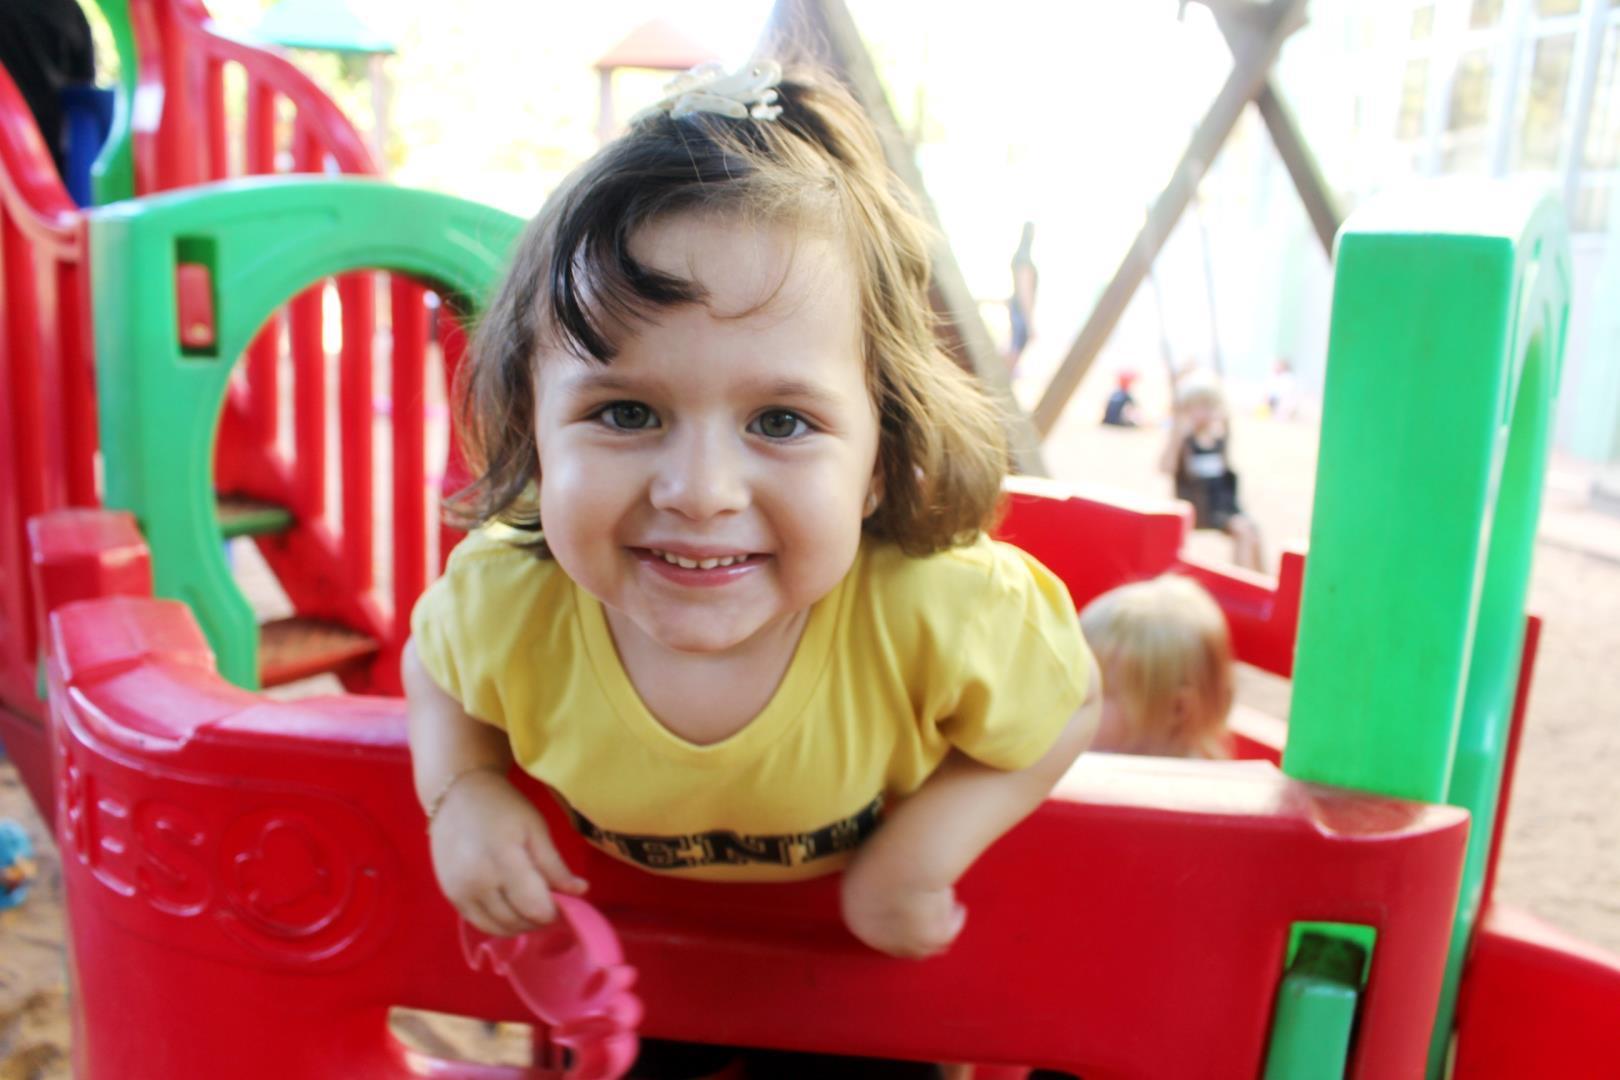 Descobertas e muitas brincadeiras no período de adaptação dos Níveis 2 e 3 da Educação Infantil